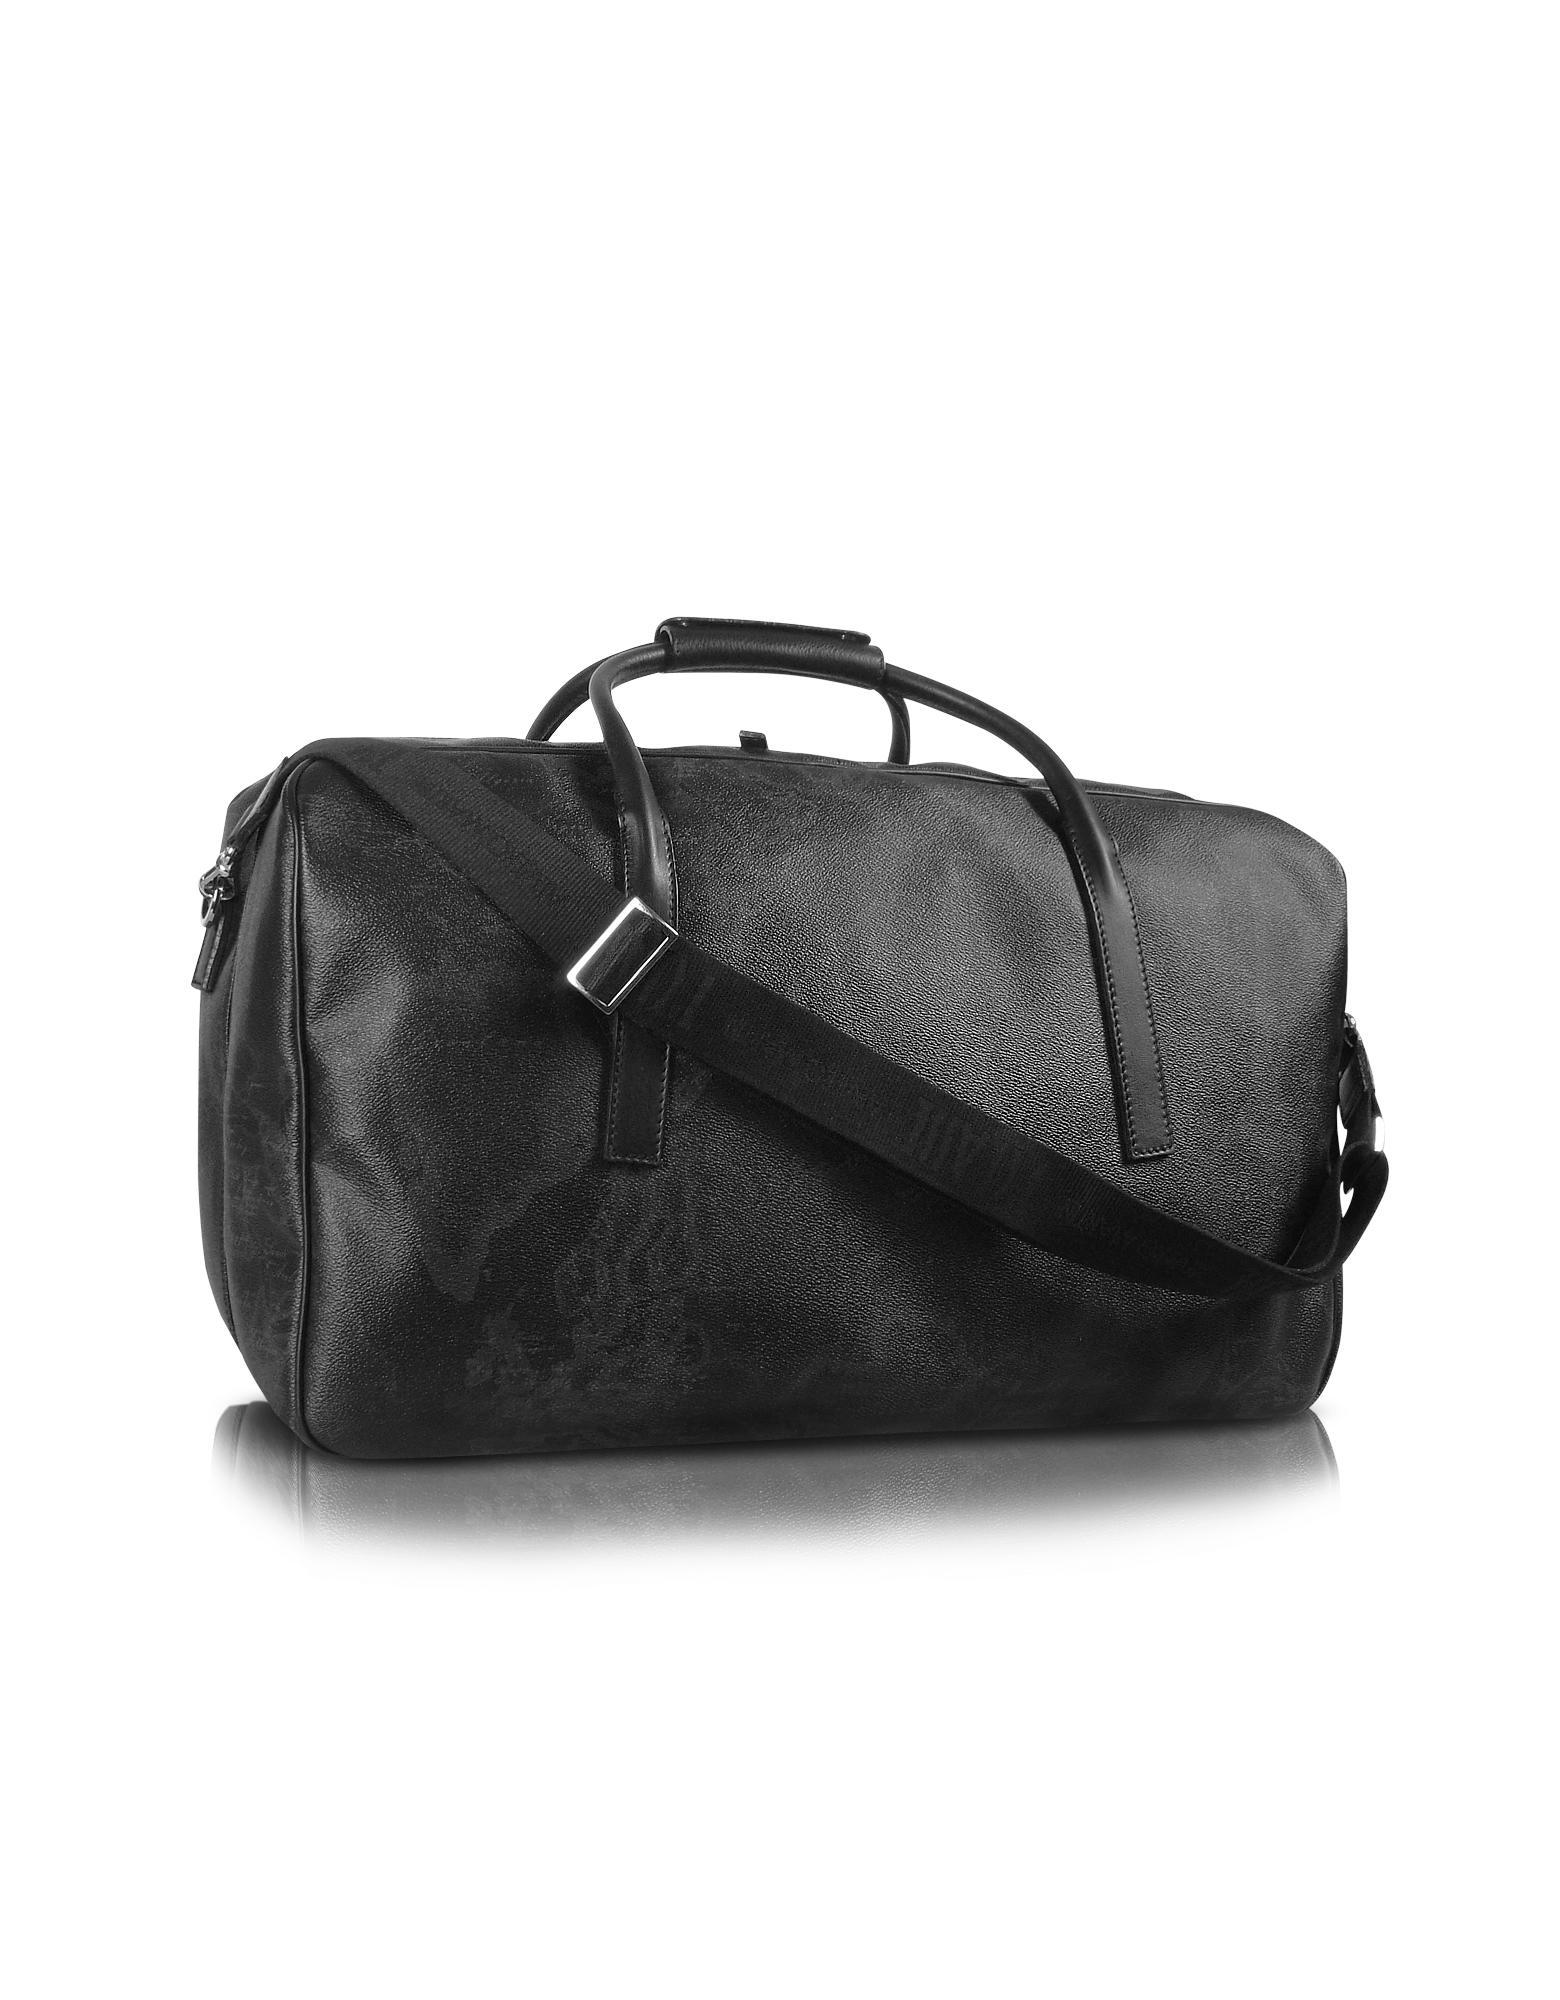 b5cabf537aec9a 1a Prima Classe - Reisetasche mit doppeltem Reißverschlussfach mit  Geomuster in schwarz